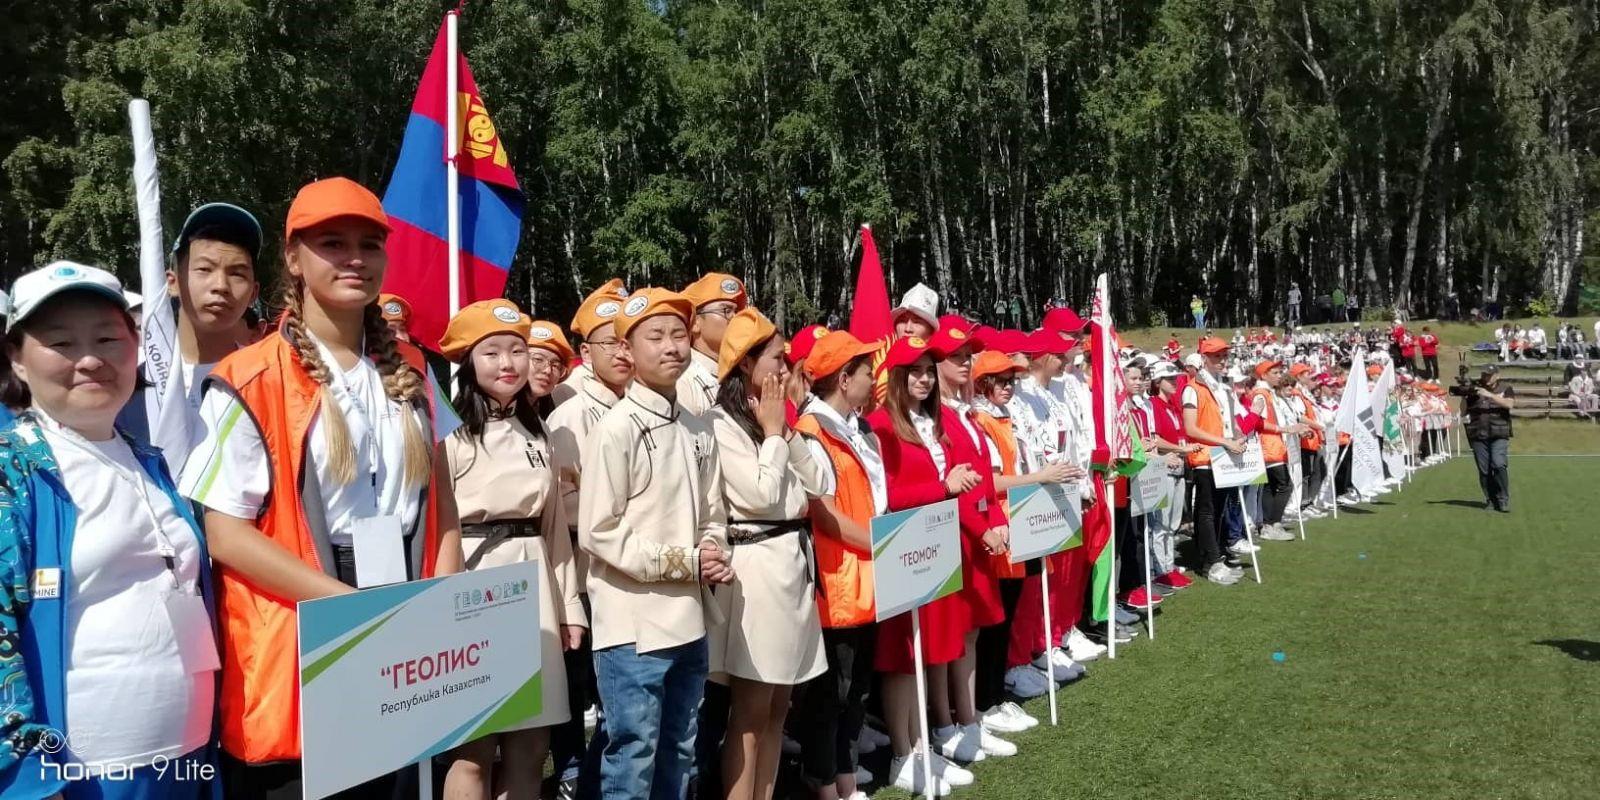 """Олон улсын """"Өсвөрийн геологичдын хээрийн XII олимпиад""""-д монгол хүүхдүүд амжилттай оролцлоо"""